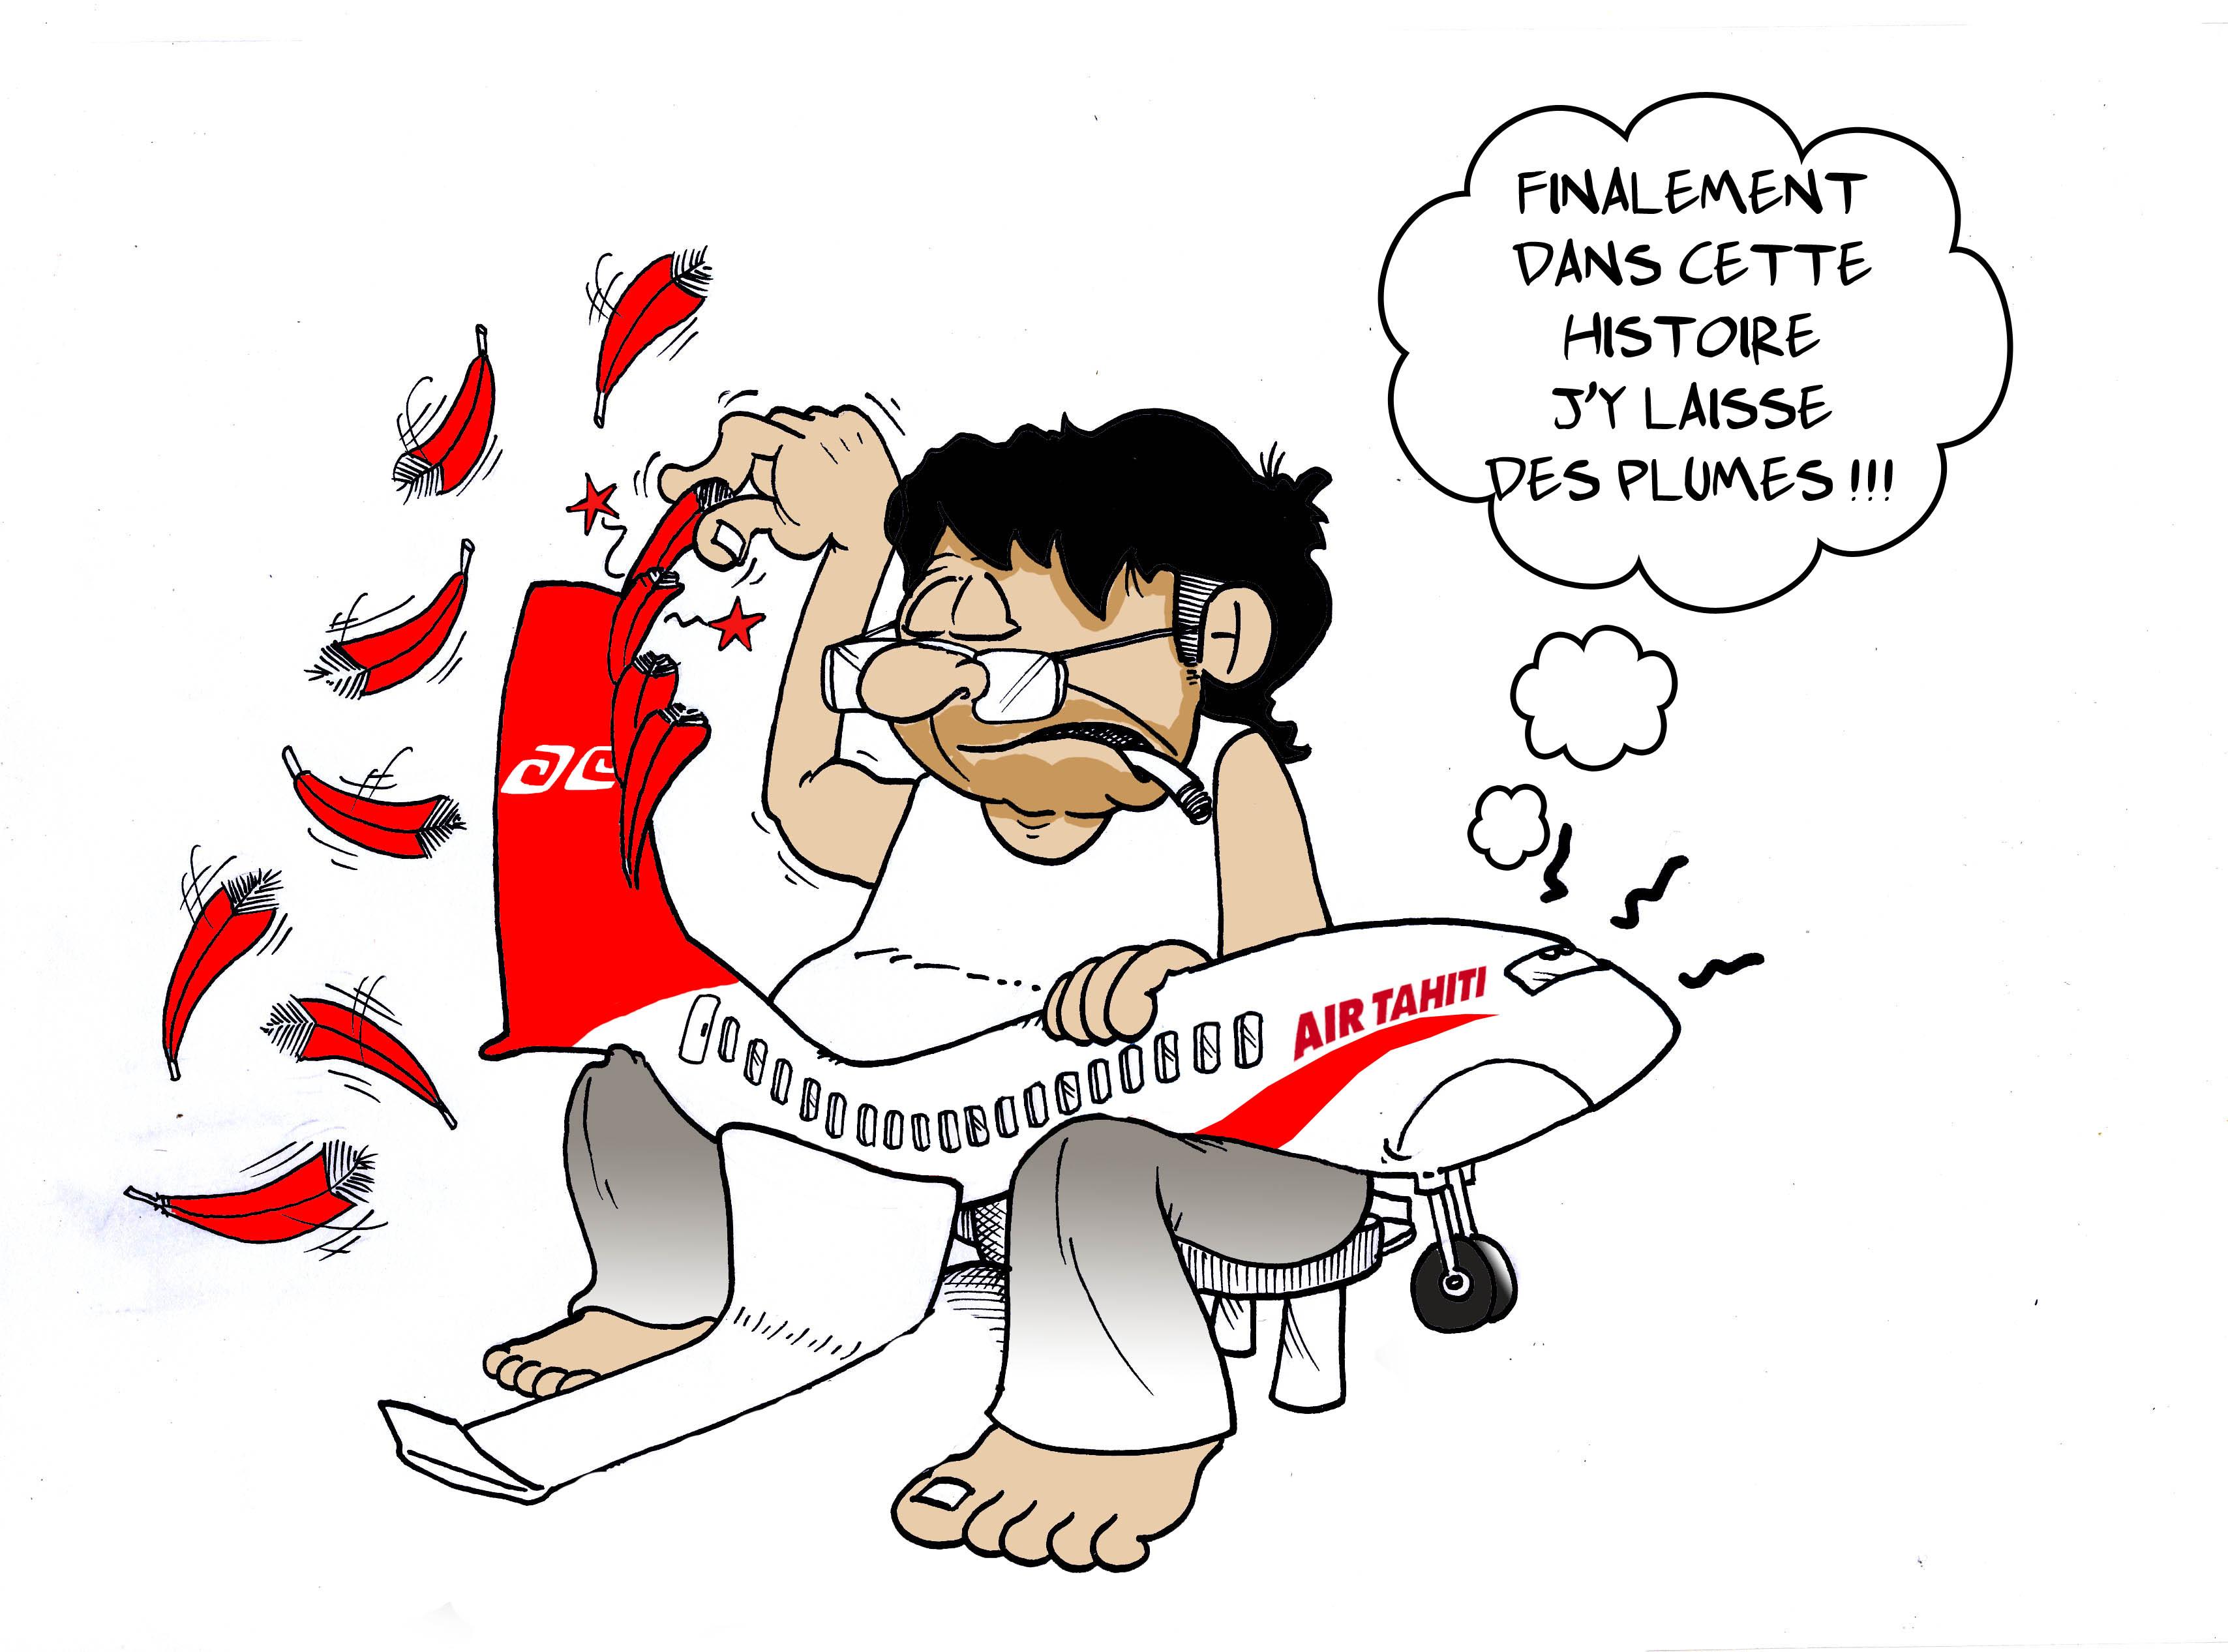 """""""Fin de la grève Air Tahiti"""" par Munoz"""